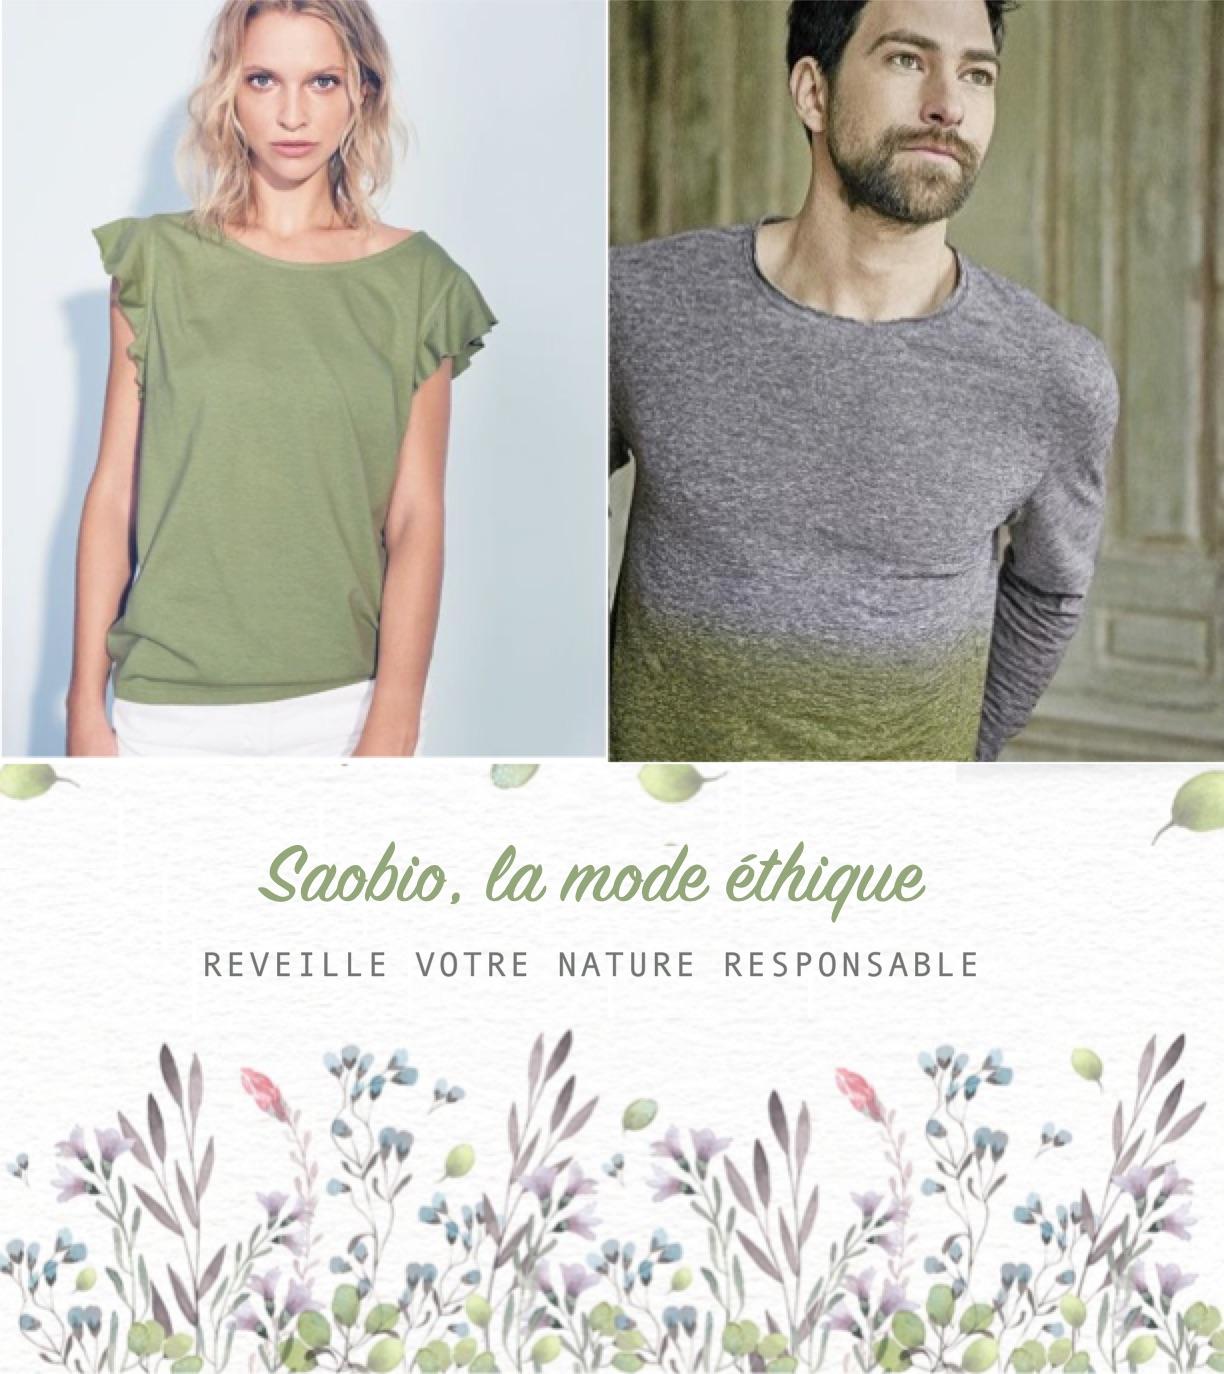 Saobio, des vêtements pour un avenir durable